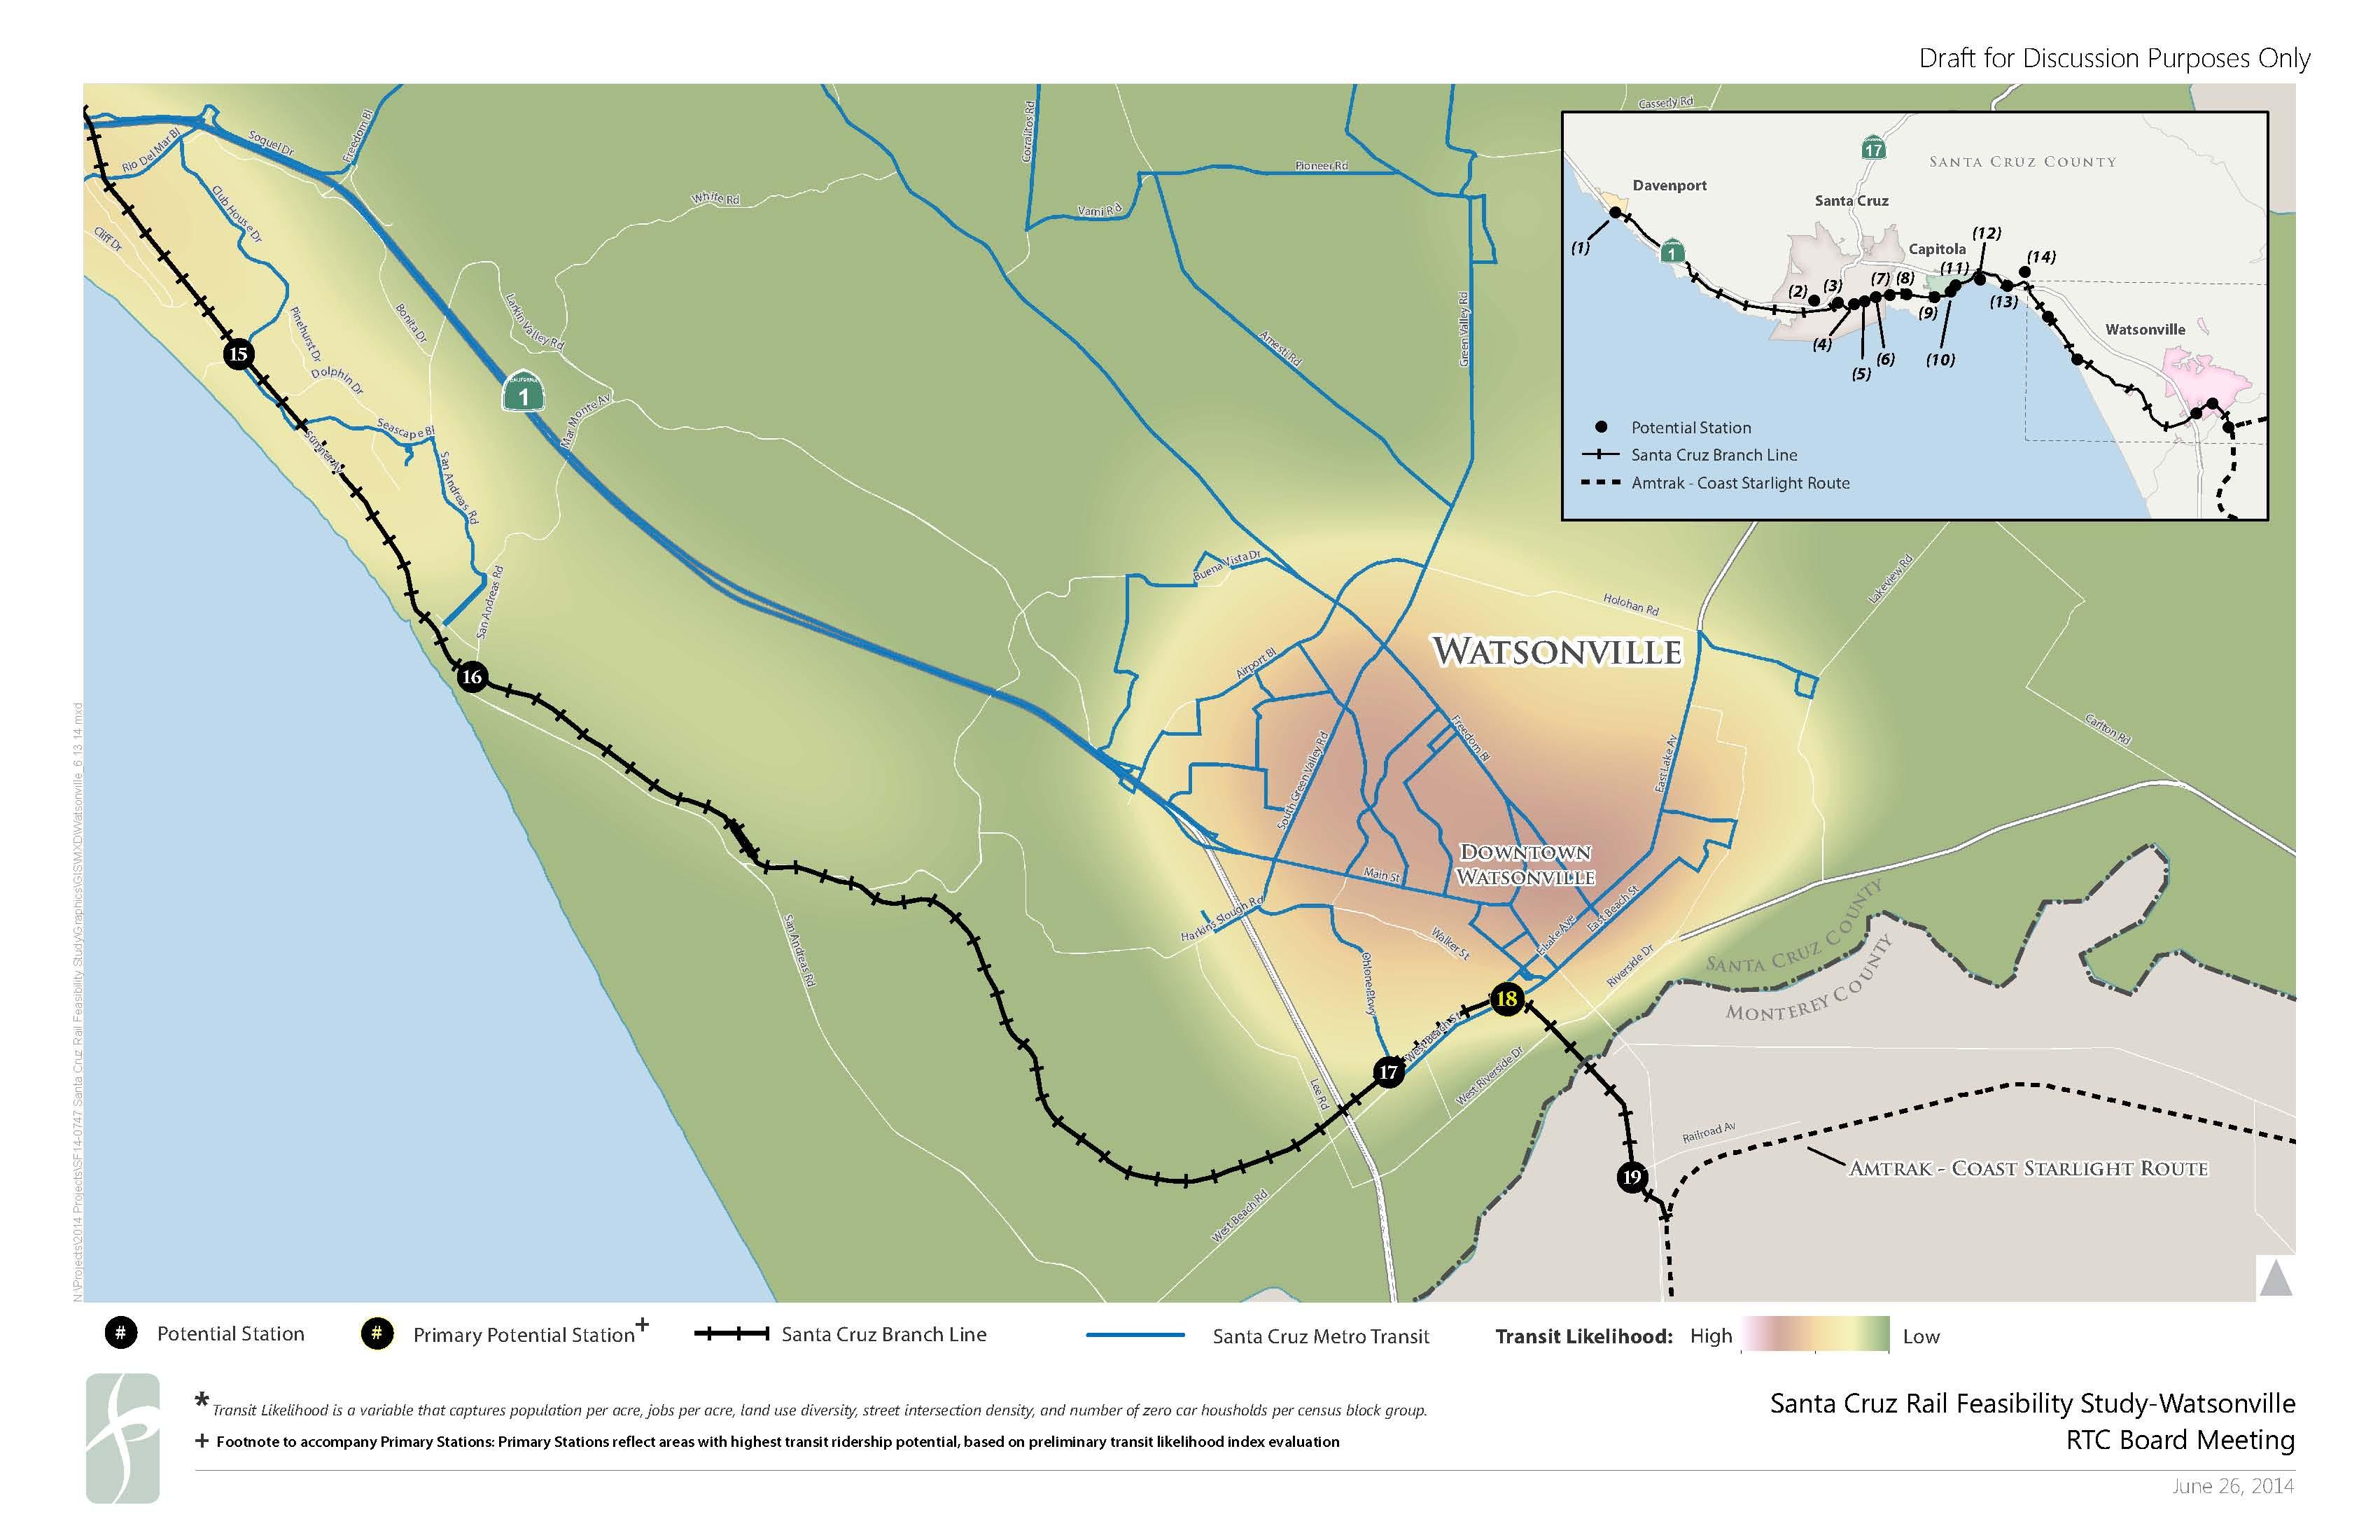 Passenger rail scenarios - Watsonville